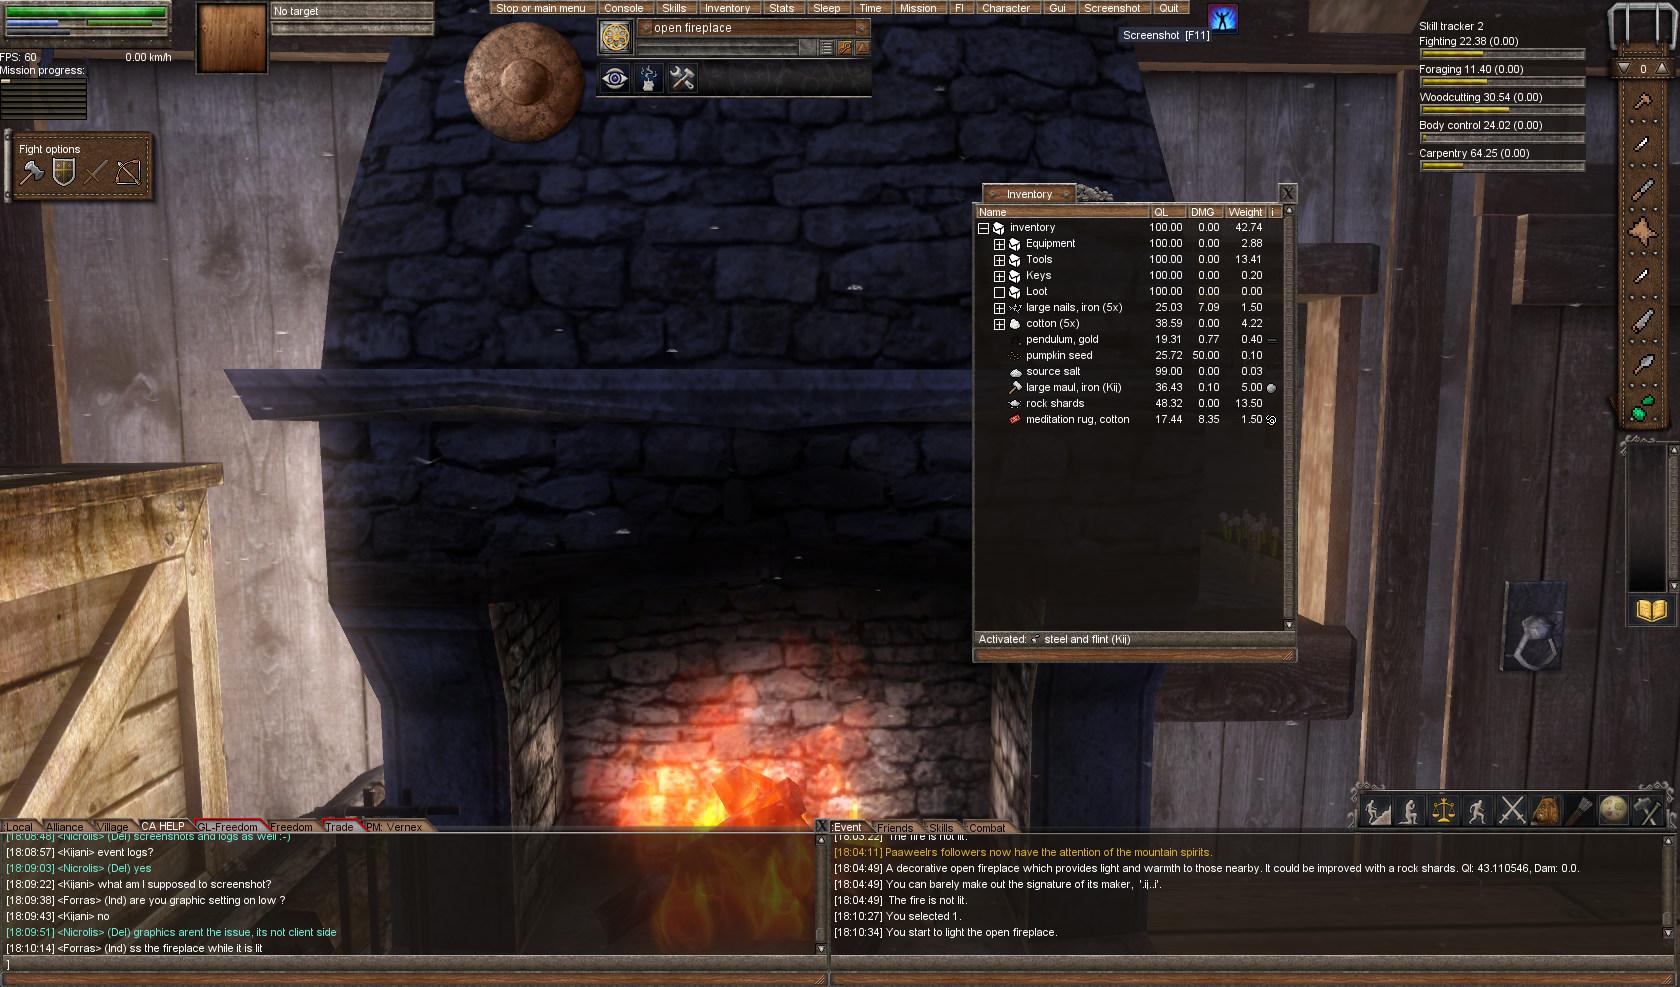 Bug] Open fireplace won't stay lit - Server Bugs - Wurm Online Forum